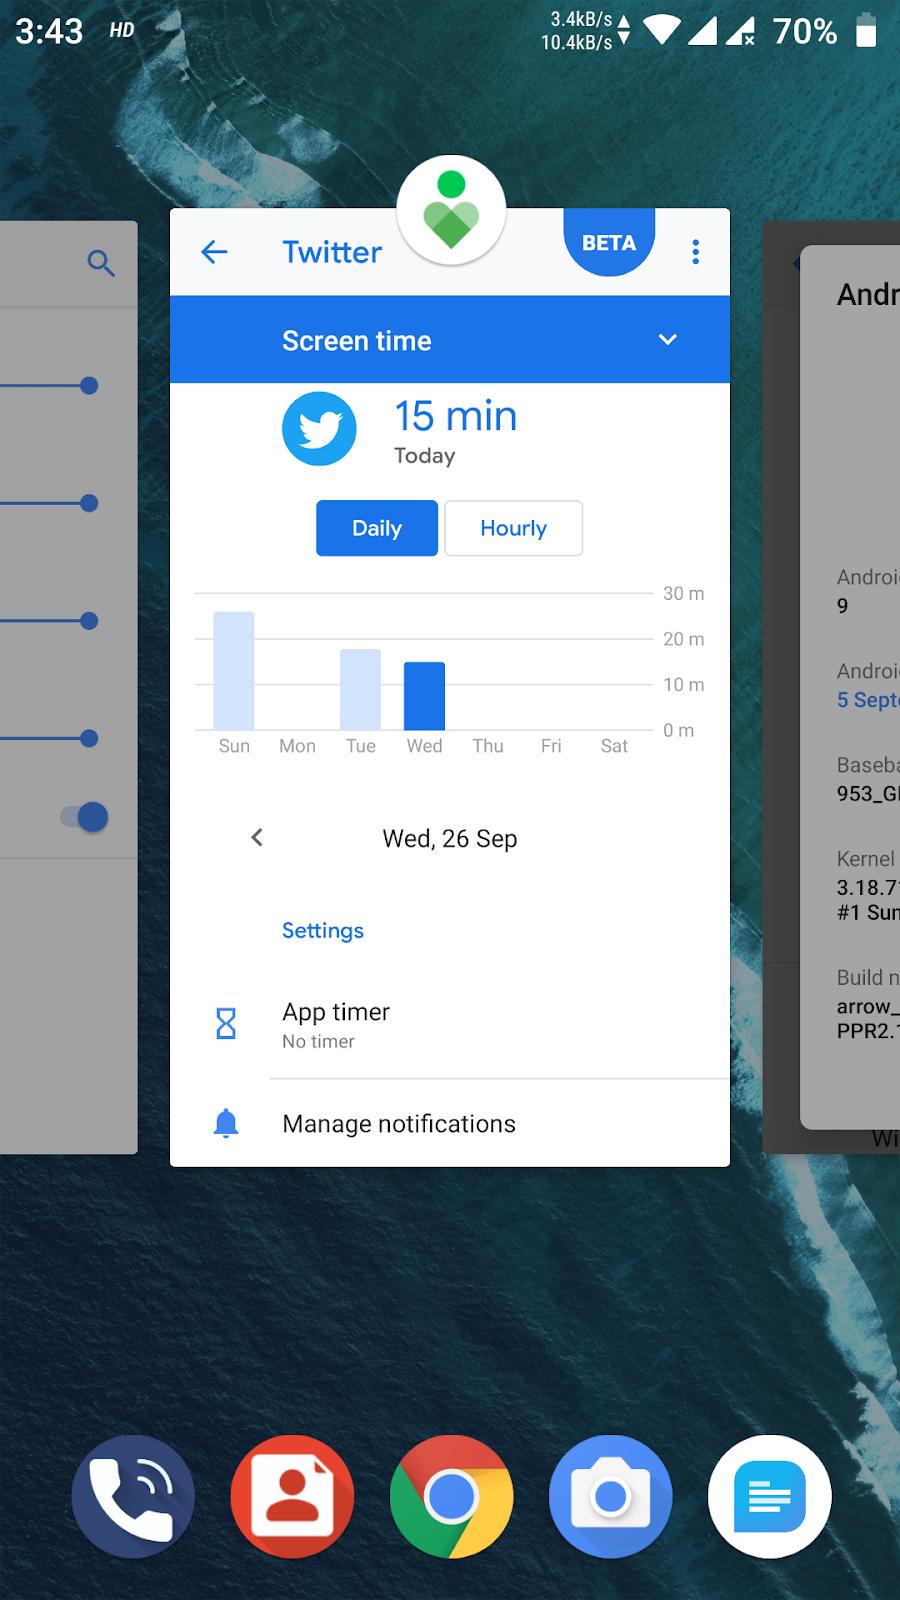 Android Pie 9.0 Moto G4 e G4 Plus